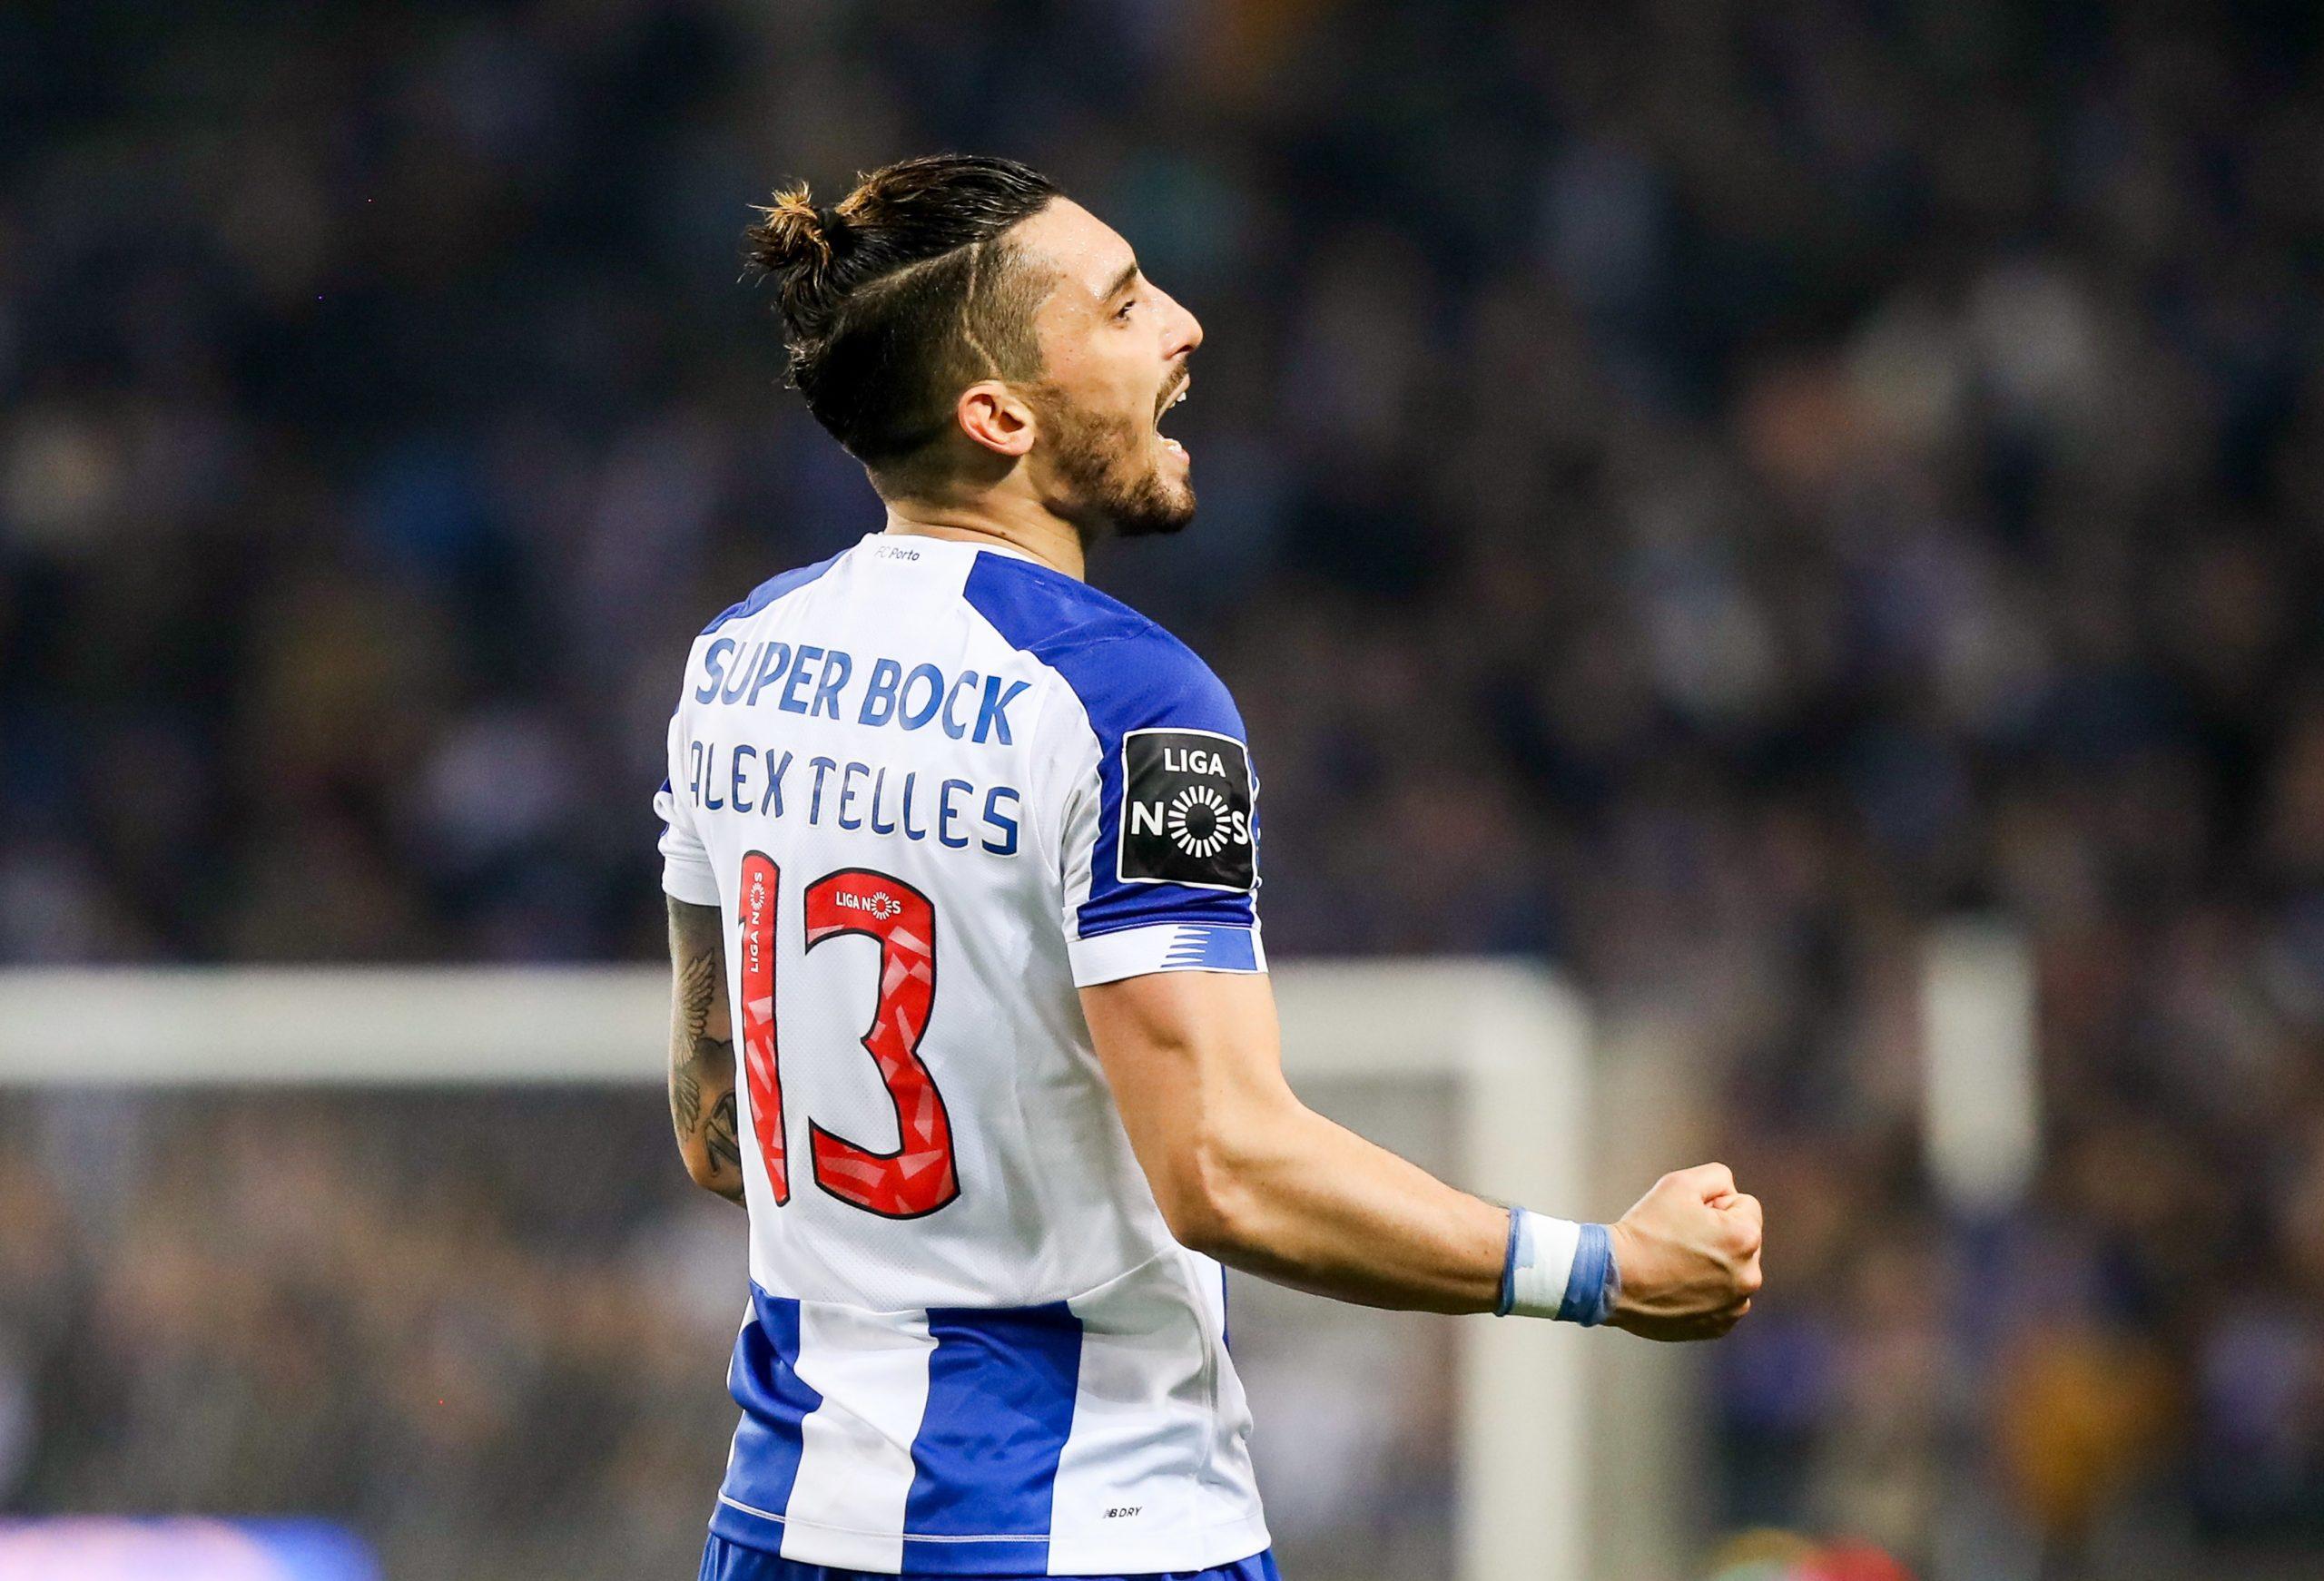 Mercato - Alex Telles, le PSG va faire une offre dans les prochains jours d'après A Bola